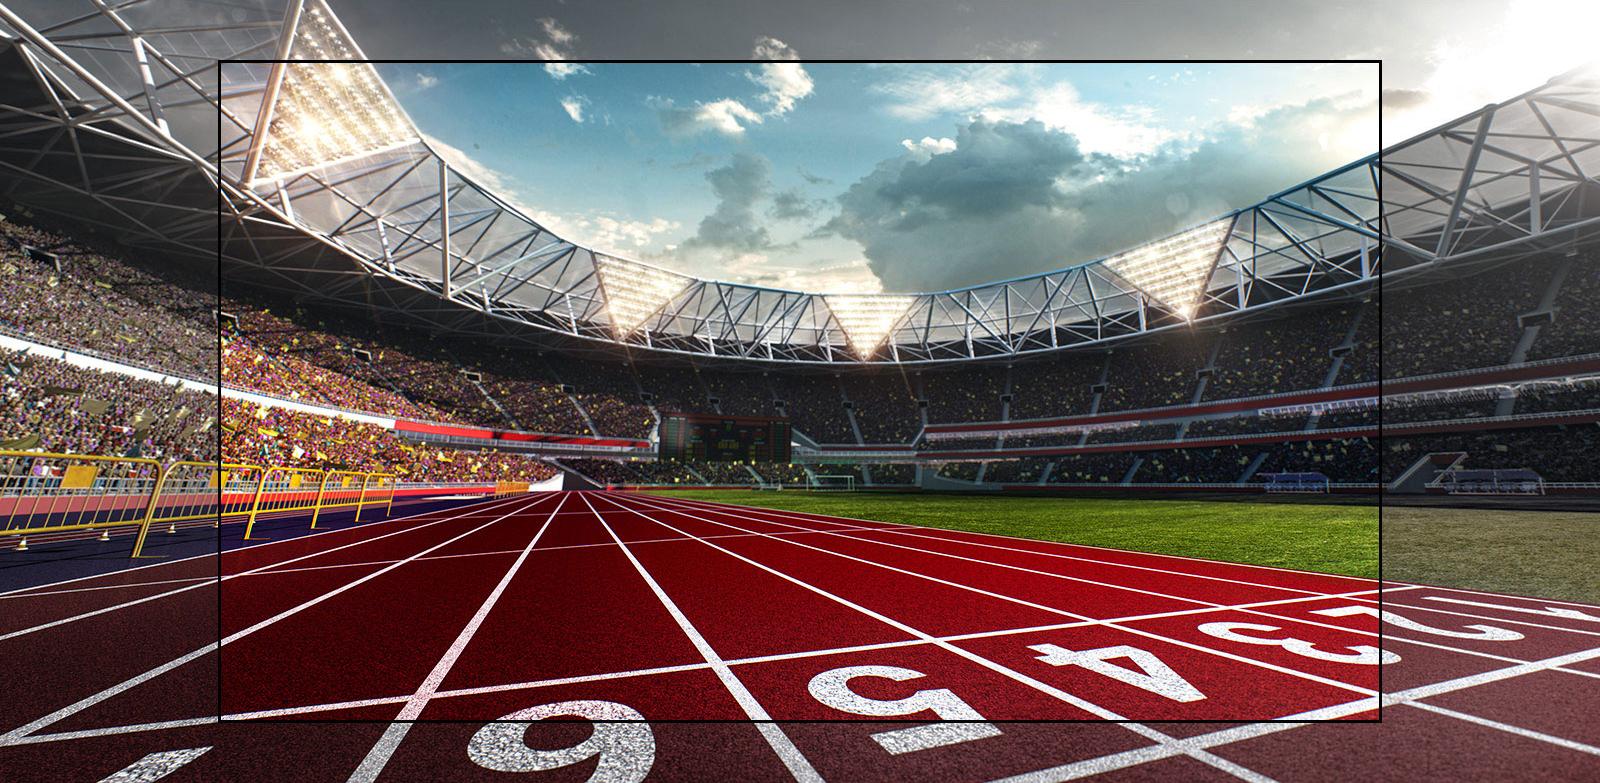 Trải nghiệm thể thao hoành tráng - Cảm nhận không gian như đang ở sân vận động